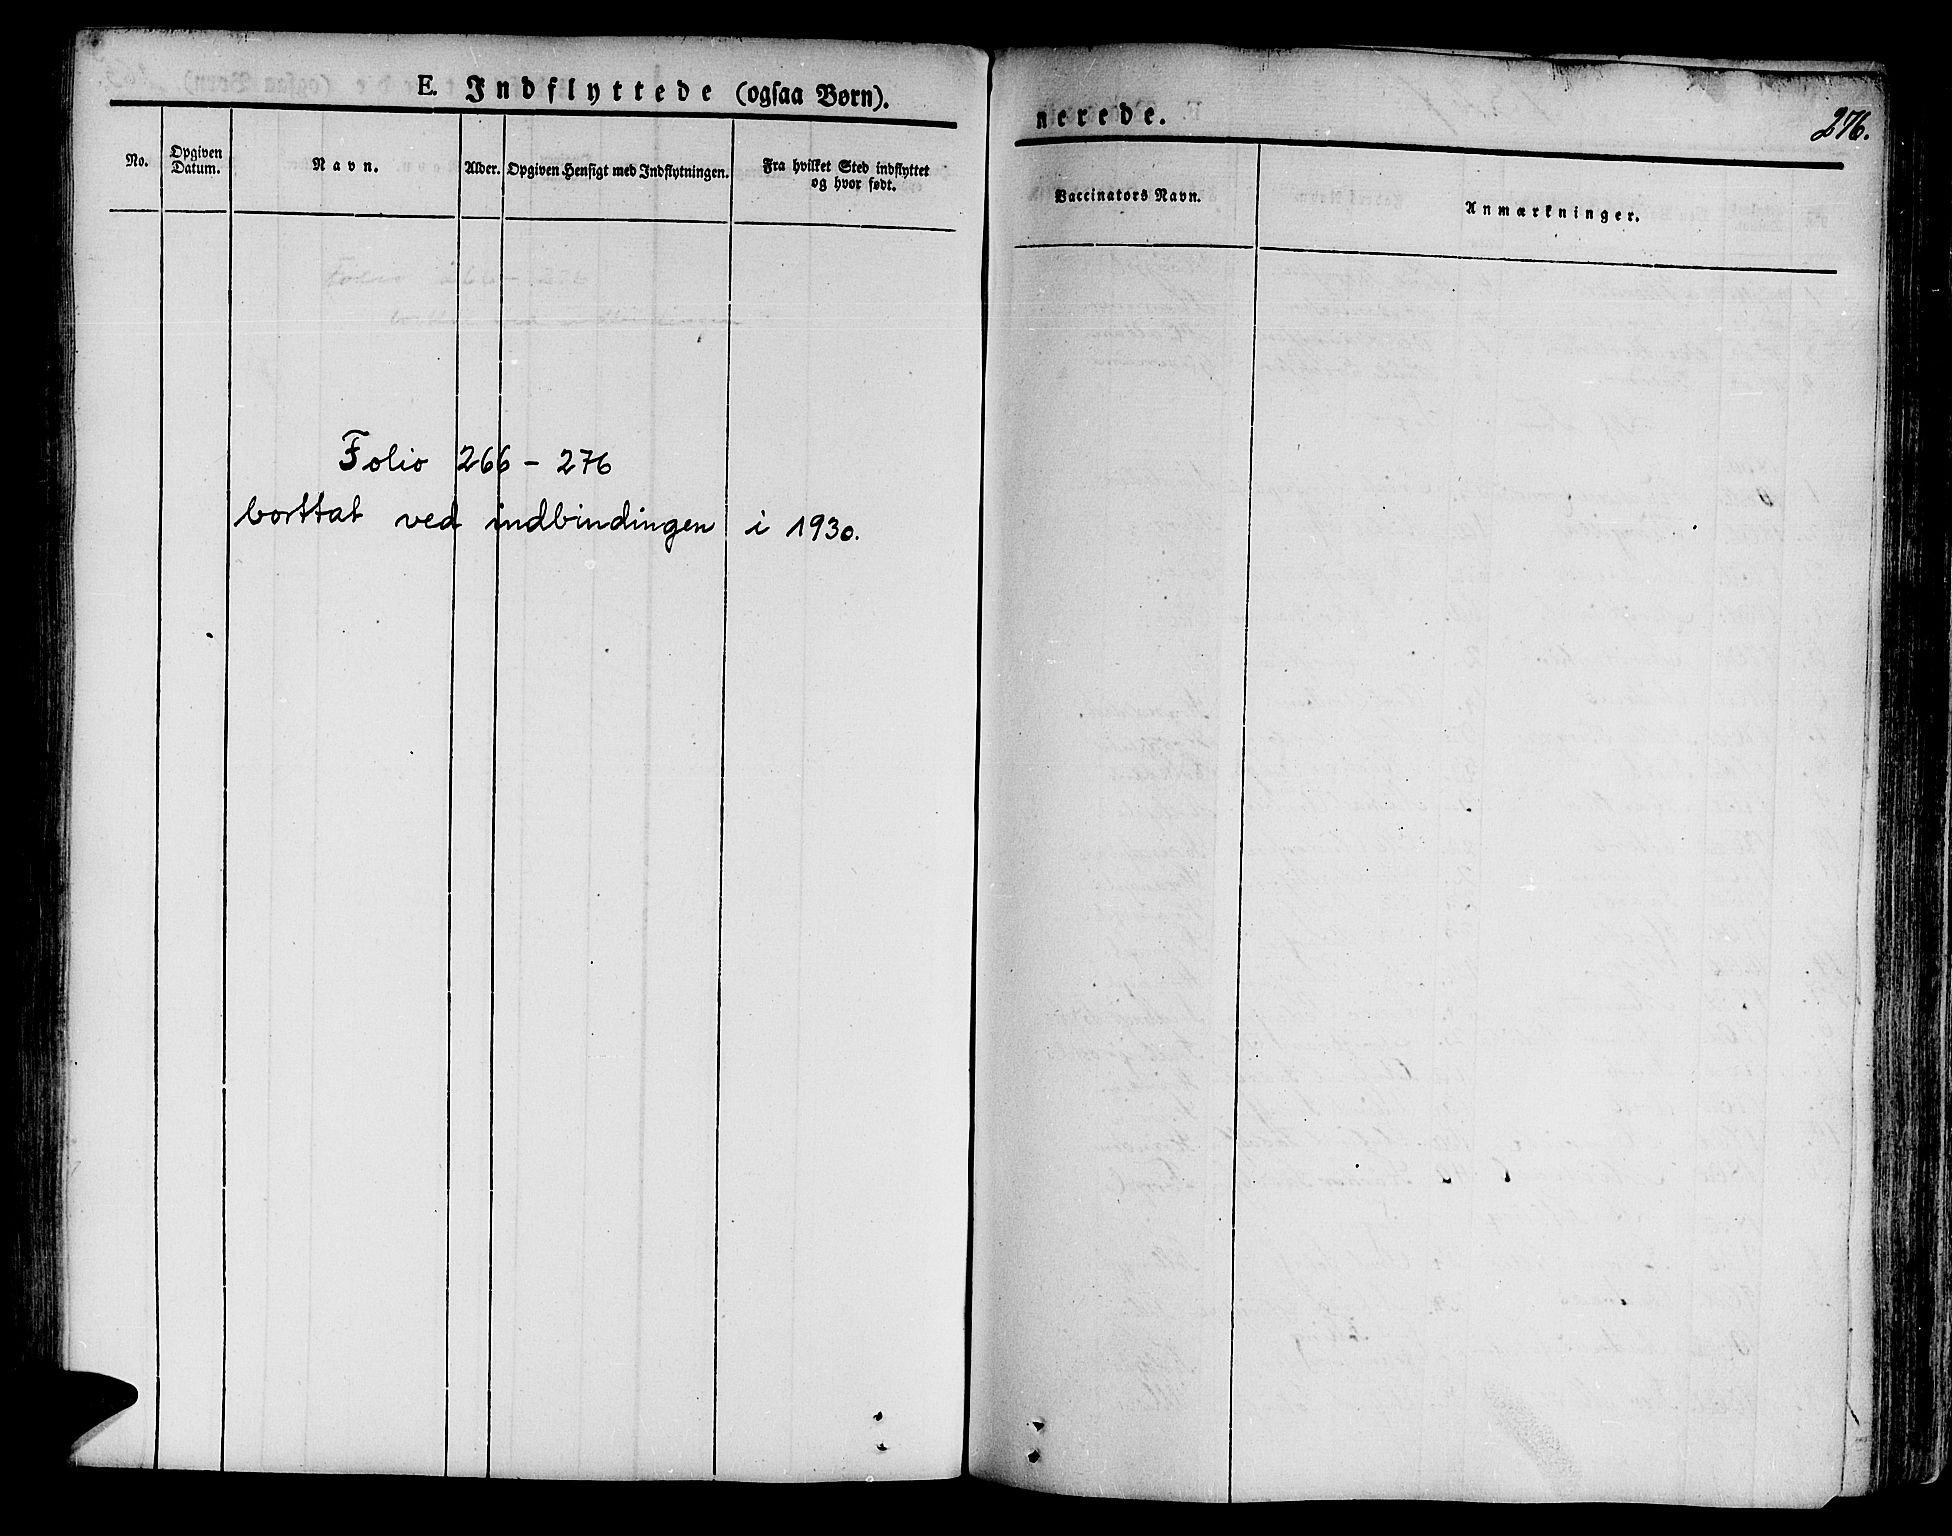 SAT, Ministerialprotokoller, klokkerbøker og fødselsregistre - Nord-Trøndelag, 746/L0445: Ministerialbok nr. 746A04, 1826-1846, s. 276